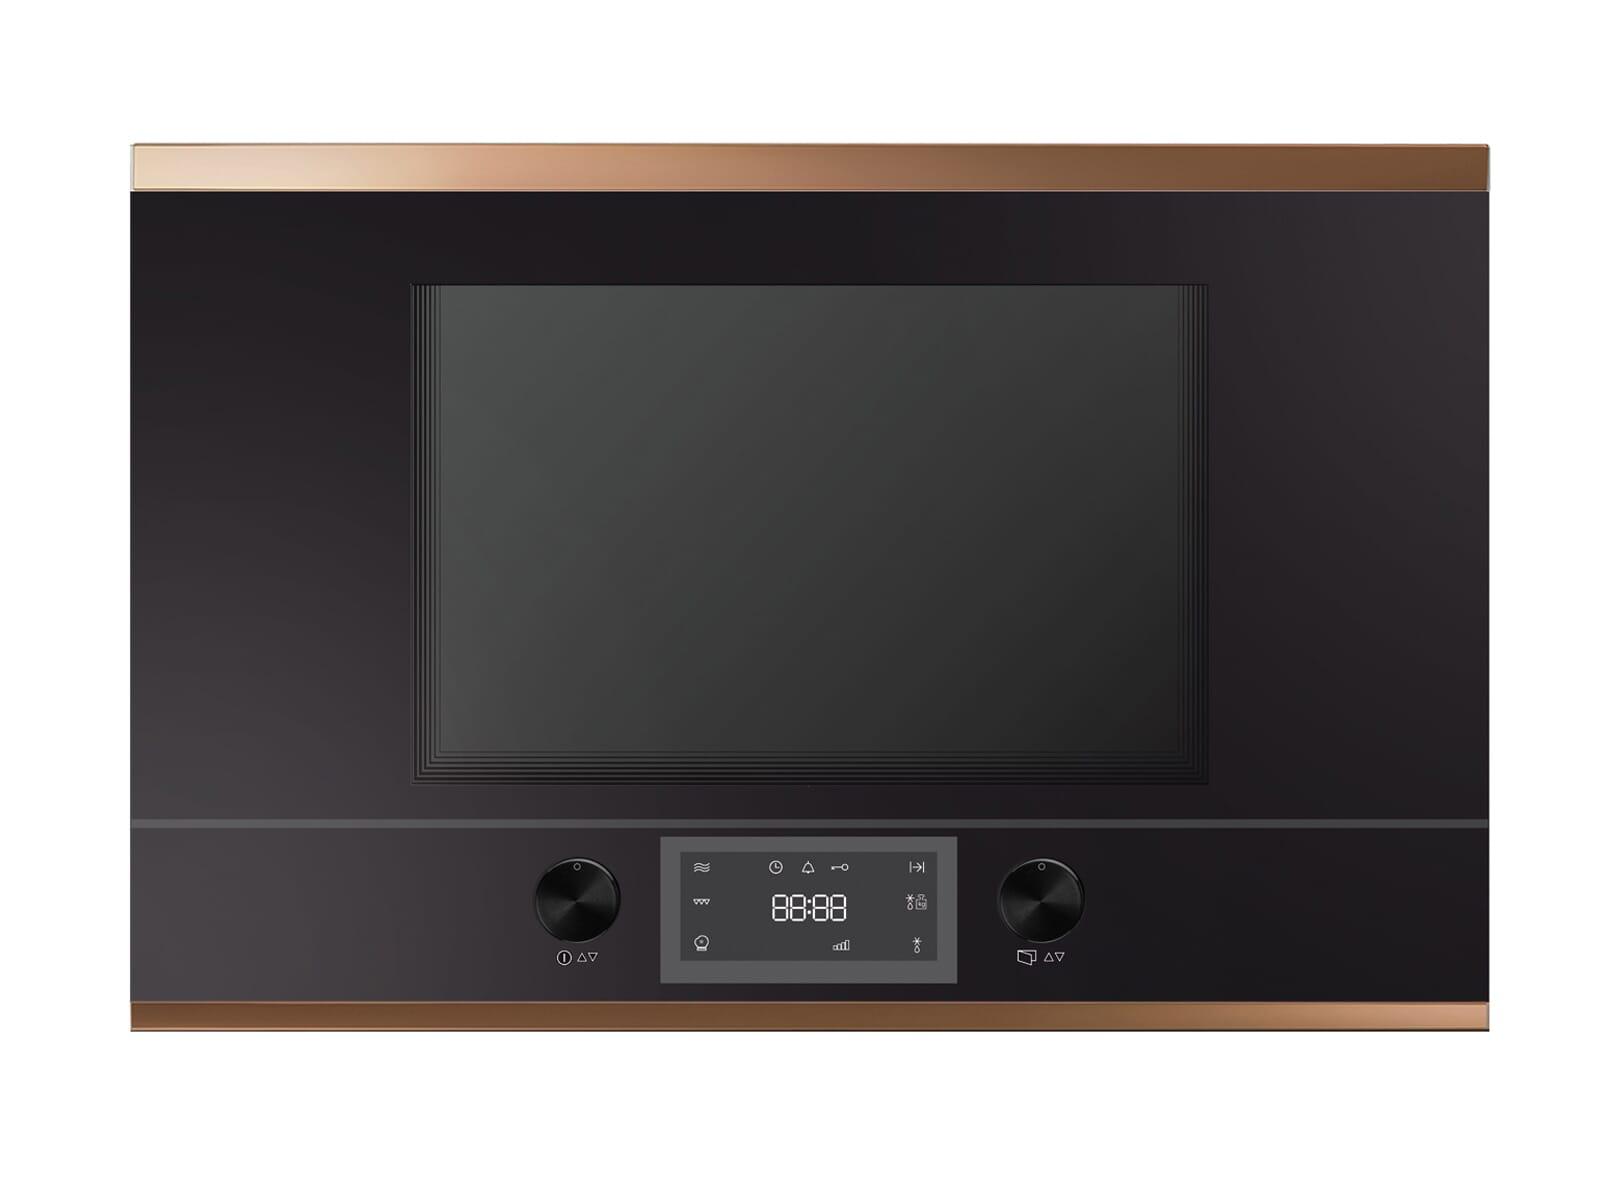 Küppersbusch ML 6330.0 S7 K-Series. 3 Einbau-Mikrowelle Schwarz/Copper